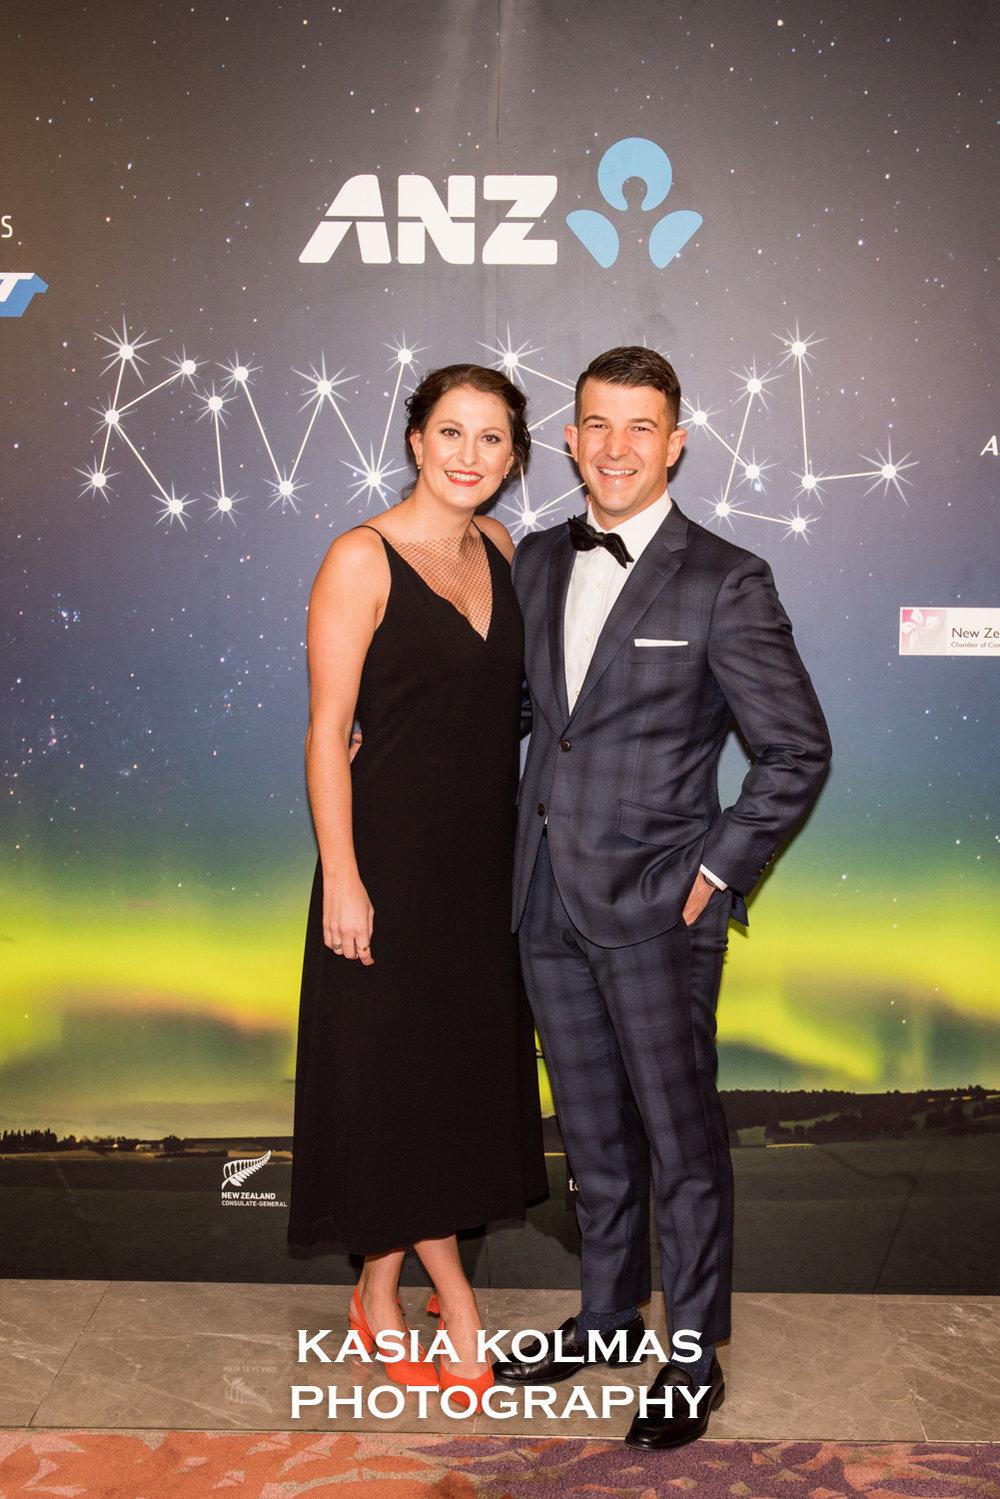 0130 - ANZ Kiwi Ball 2018